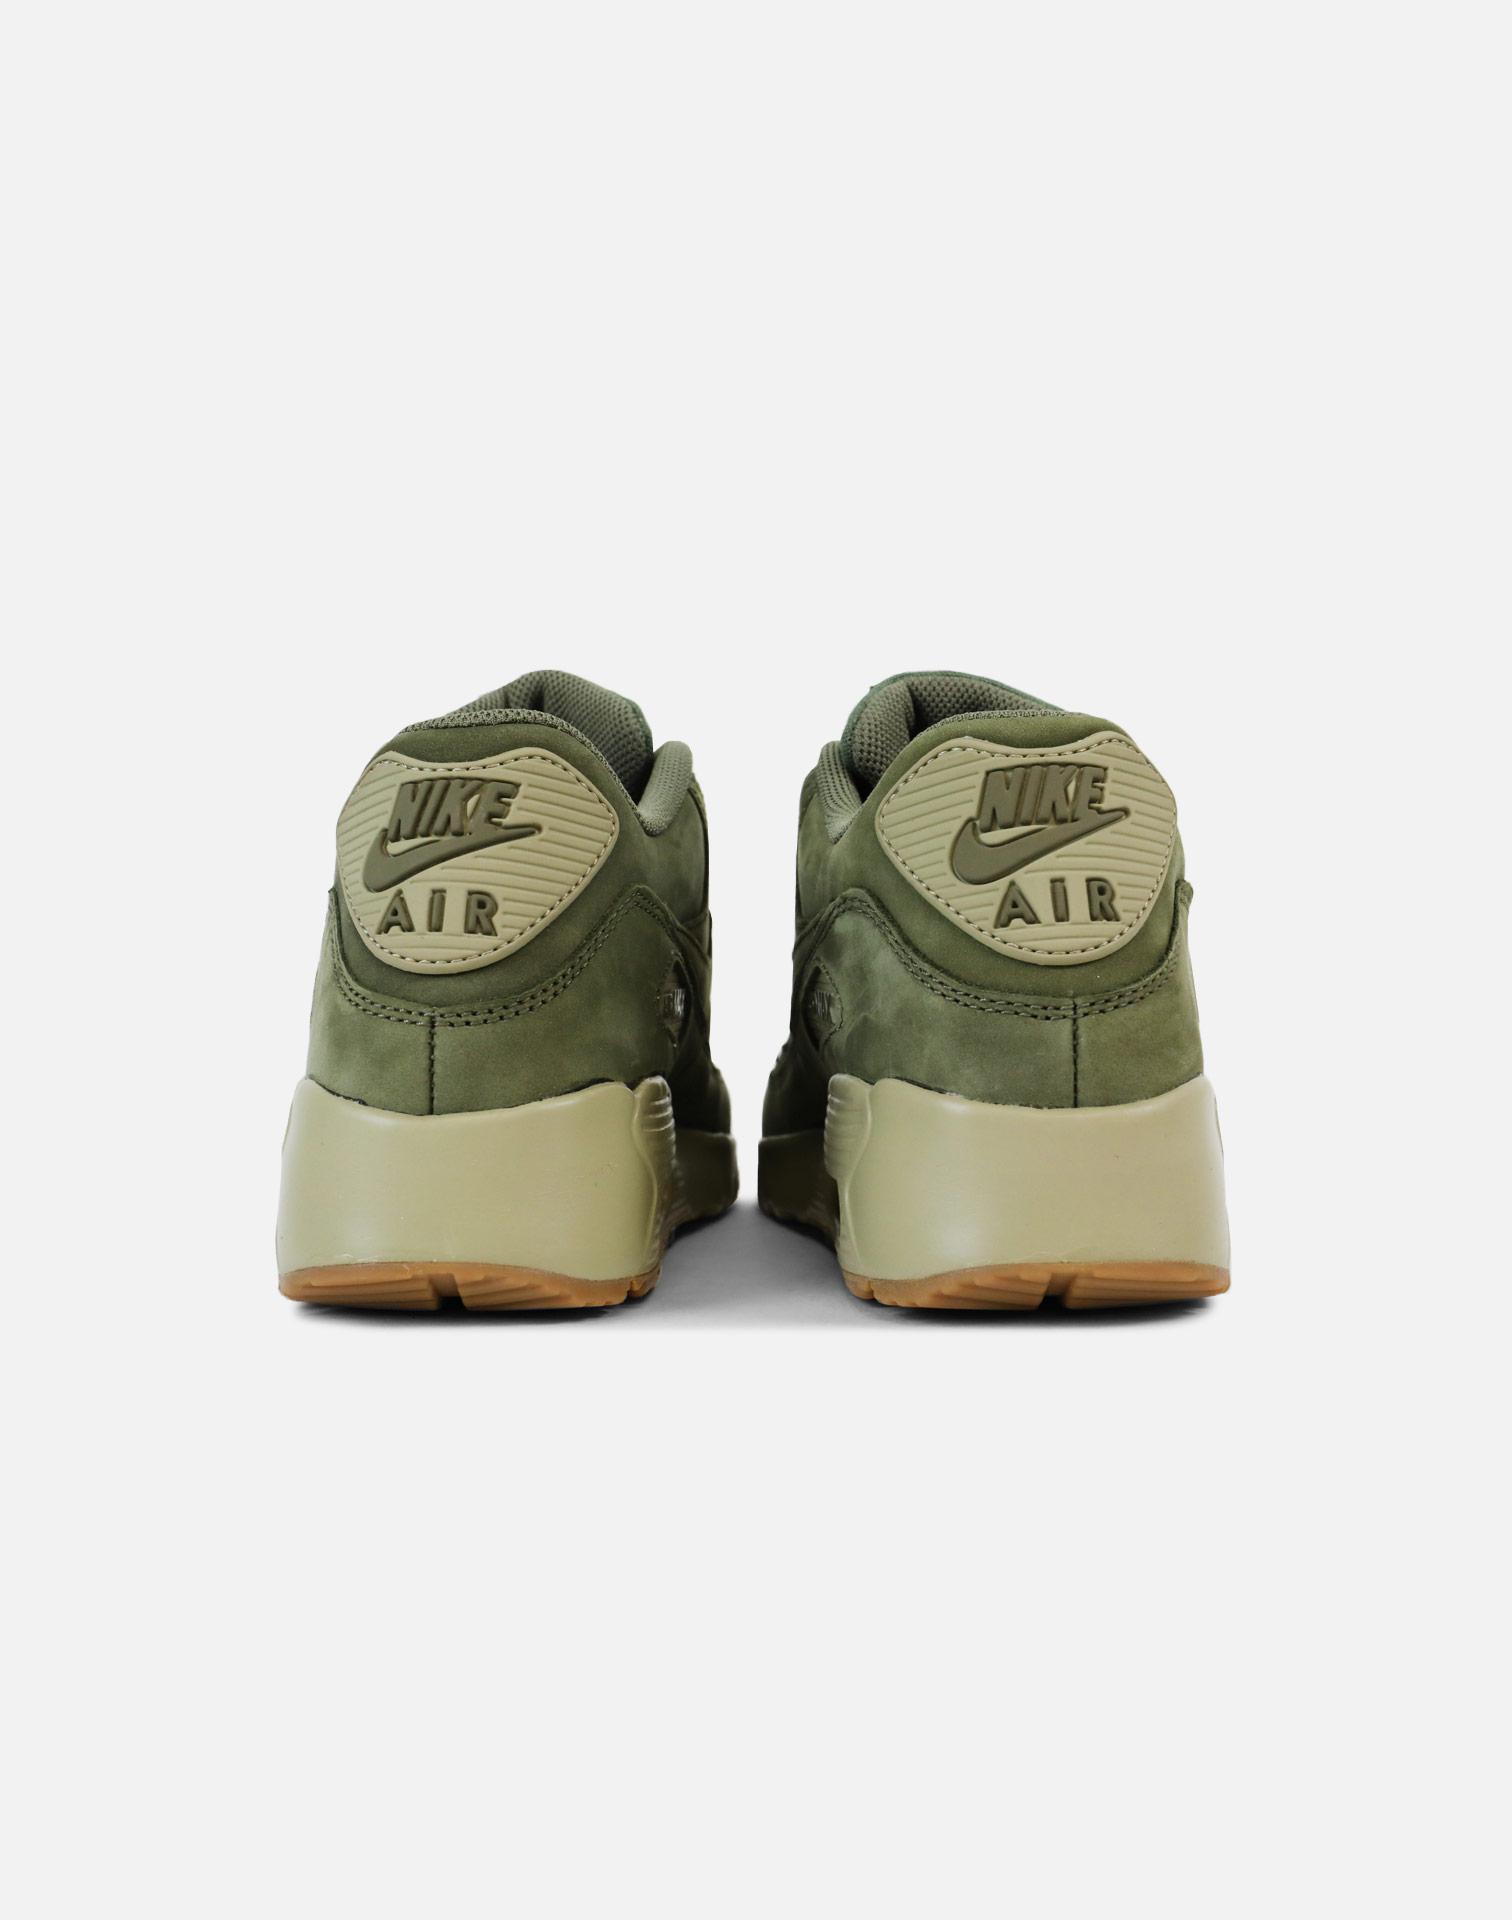 9ea202090a00 ... sneakers 33e35 ca48a  get nike air max 90 winter premium grade school  in green for men lyst 27c1a 85e3e